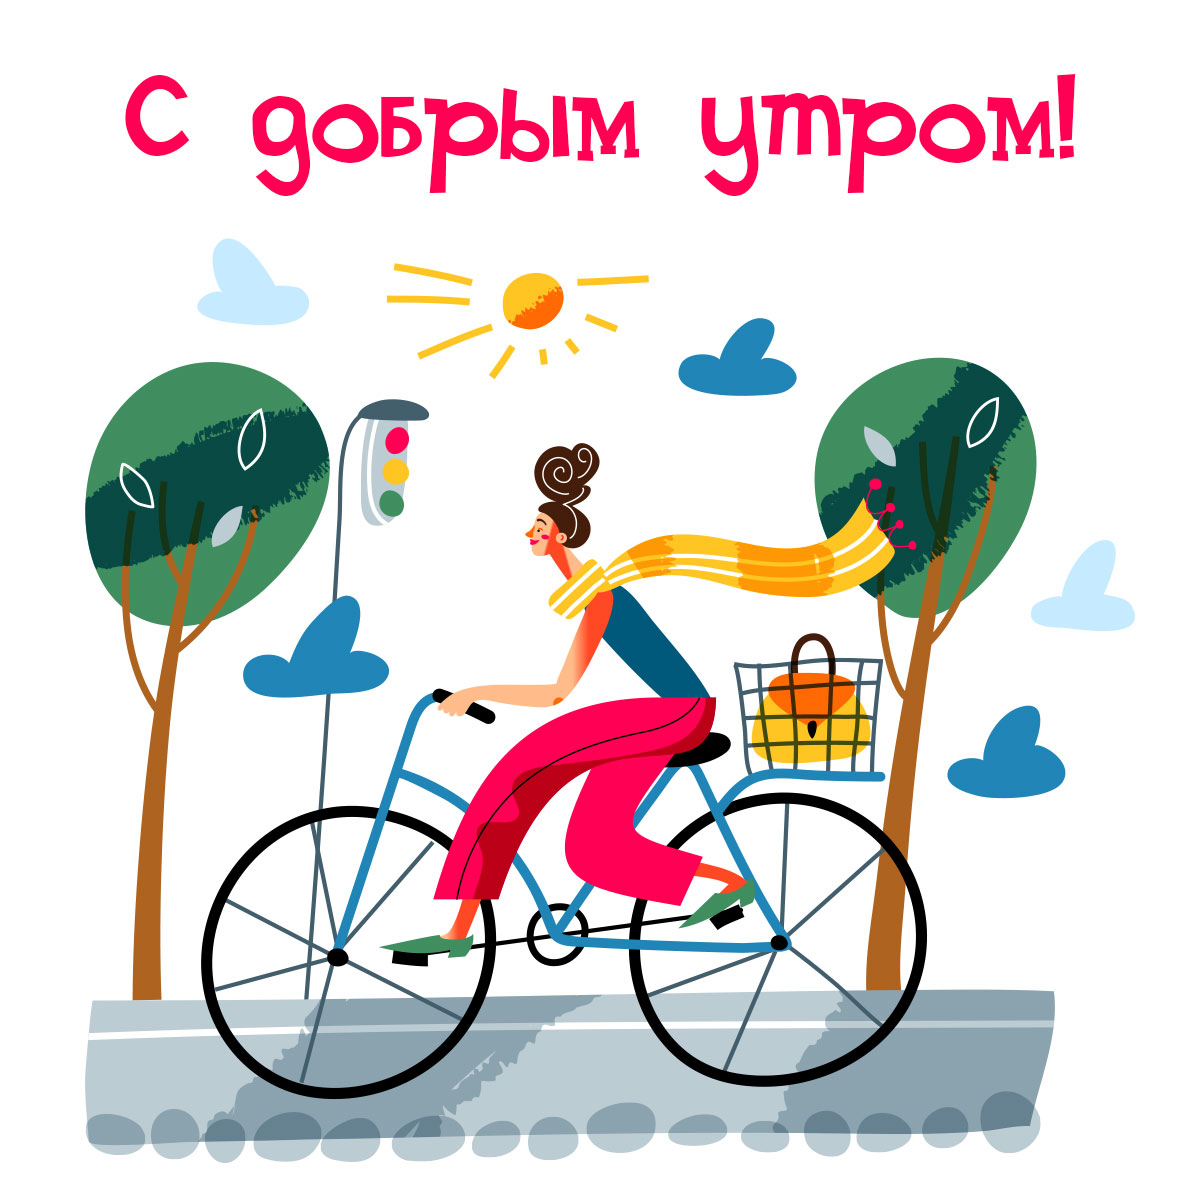 Женщина на велосипеде с сумкой в багажнике и надпись с добрым утром!